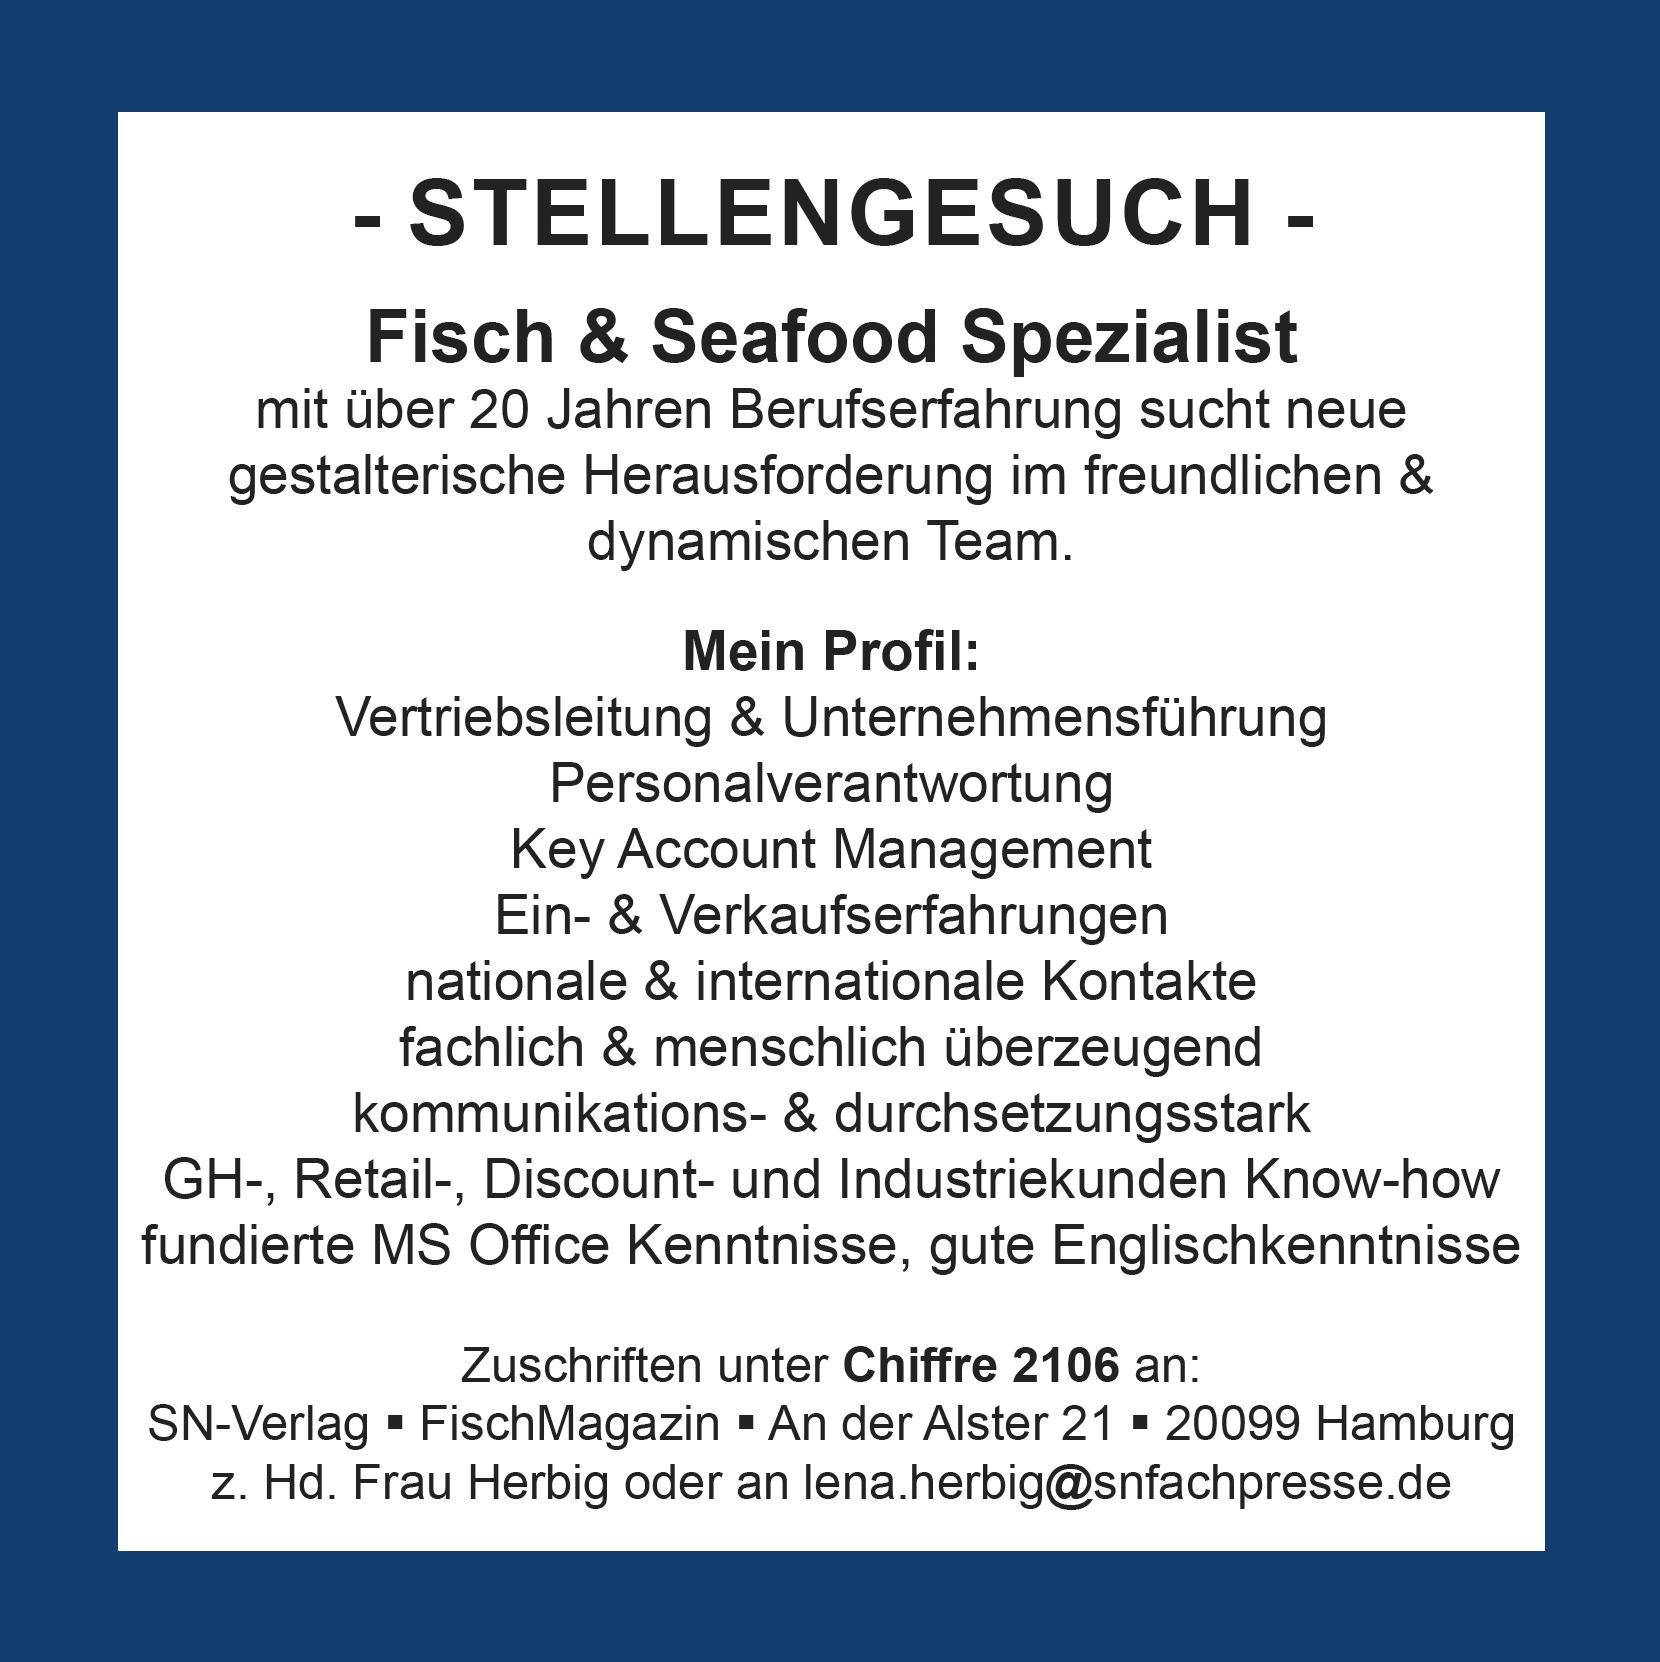 Fisch & Seafood Spezialist